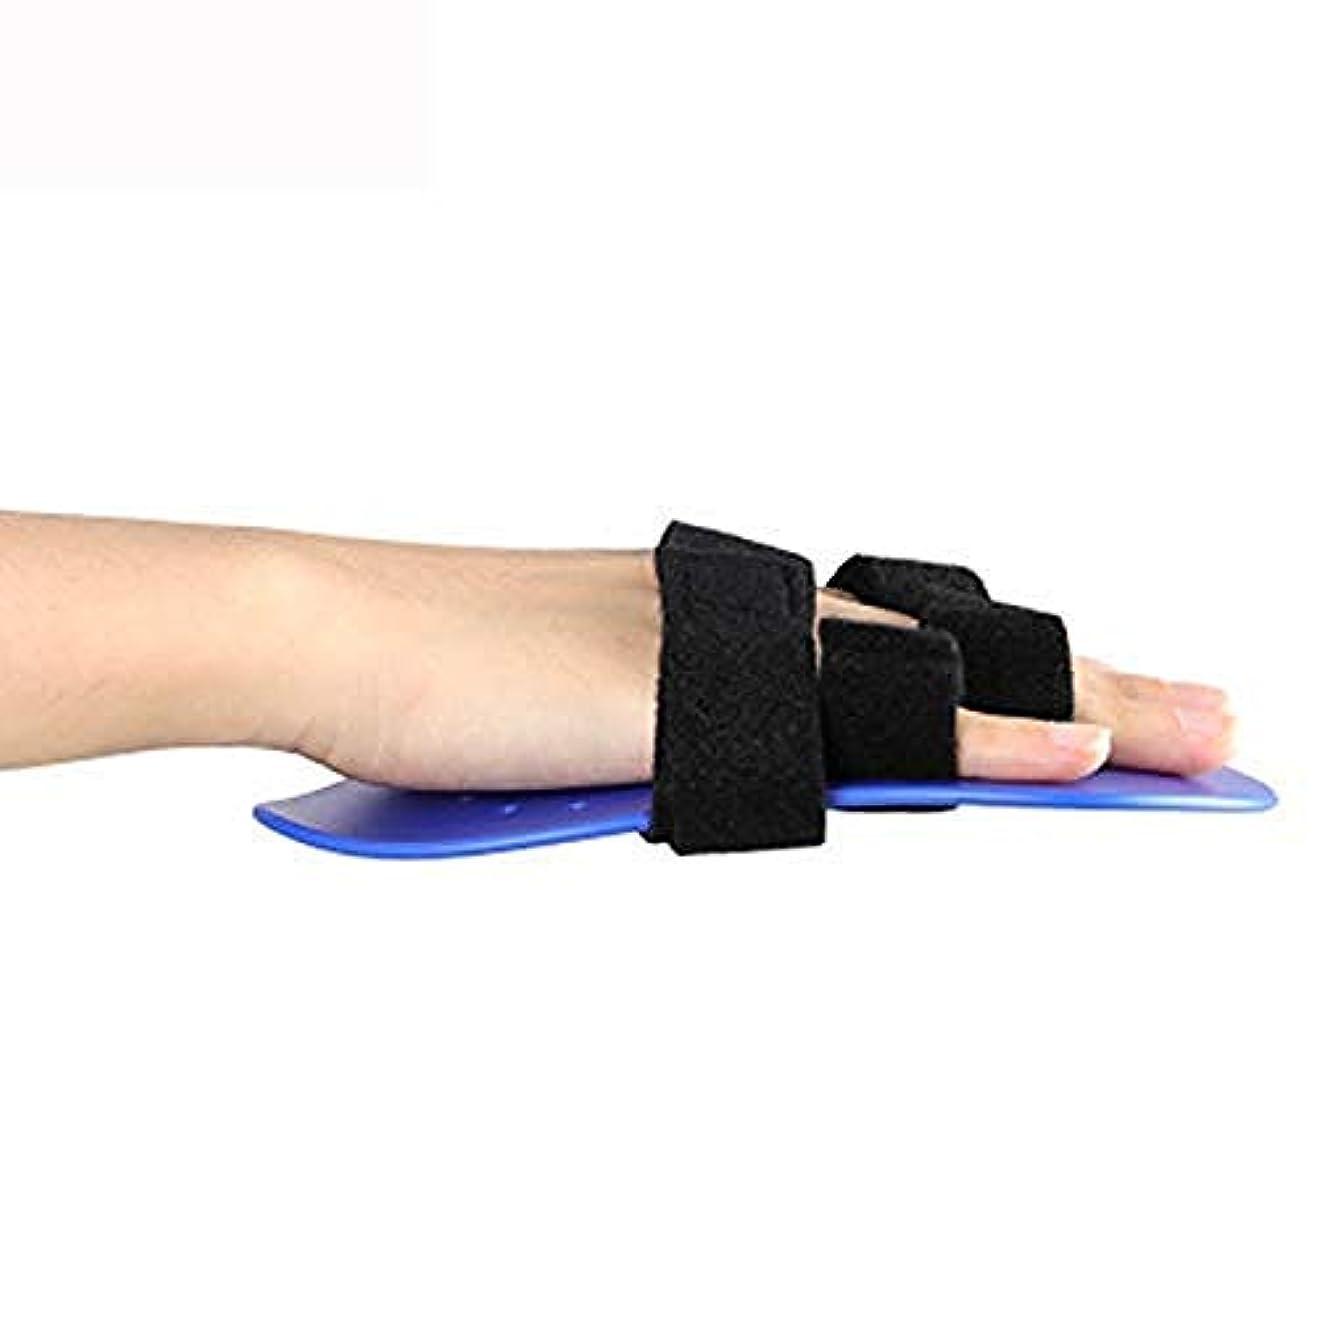 刺繍ガイド長老トリガー指副木、手首支持装置指セパレーター装具手根管関節痛緩和装具,Left Hand-S